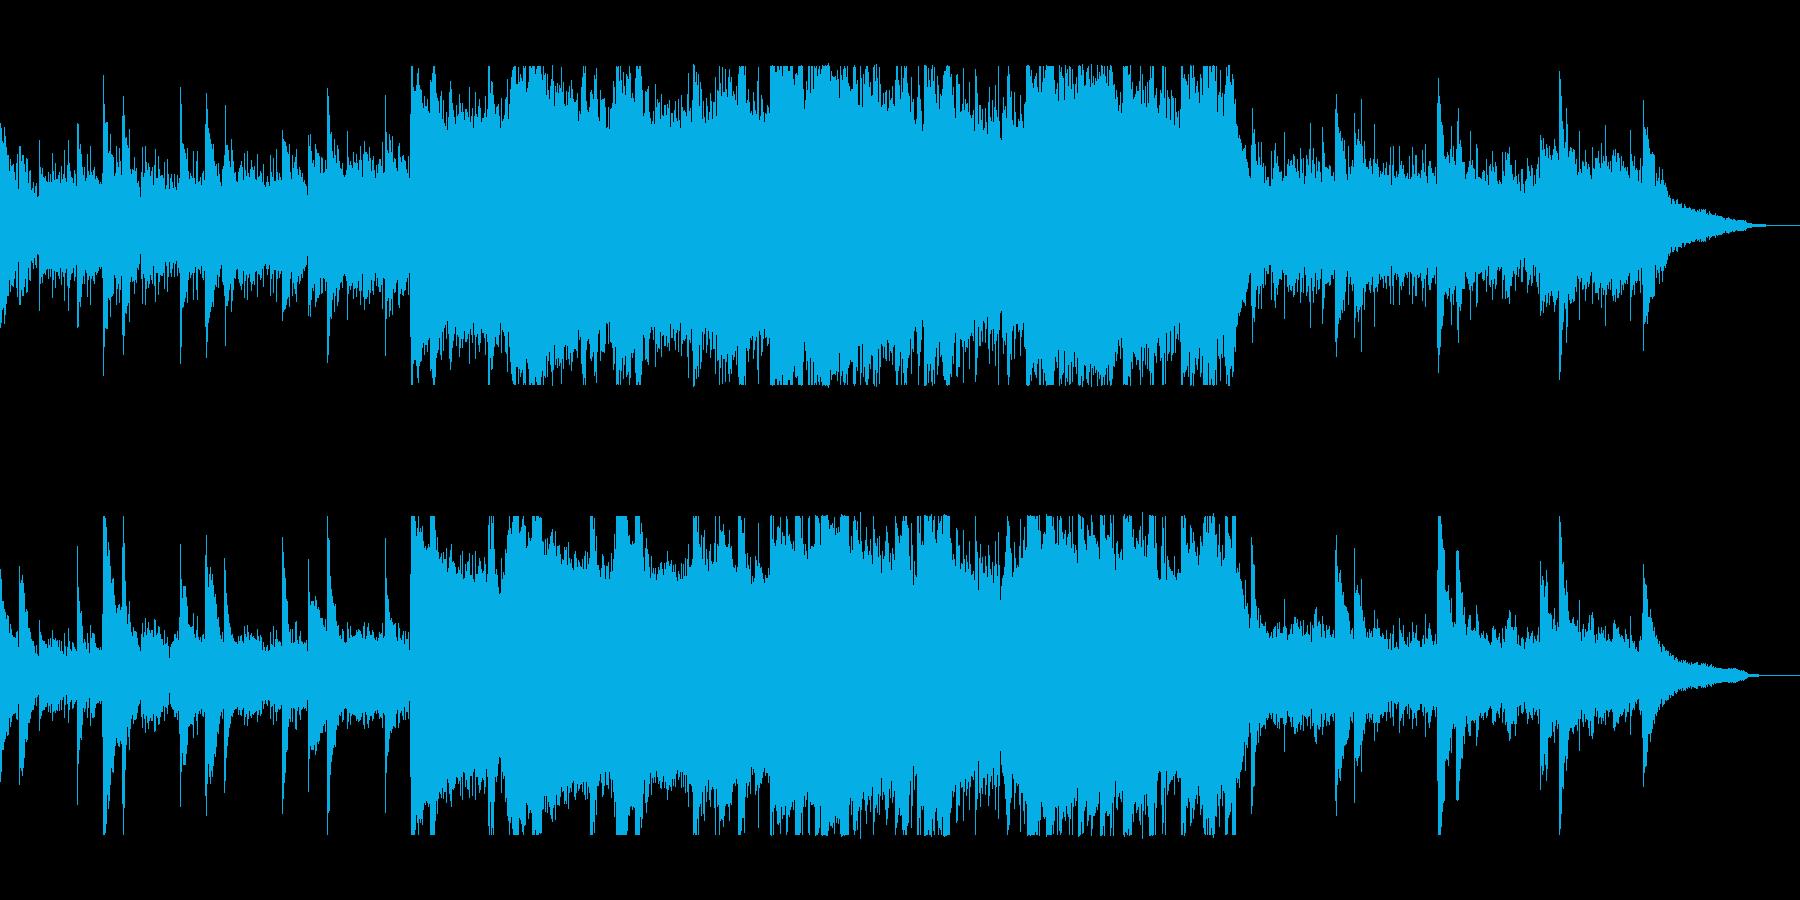 シリアスな雰囲気のピアノの再生済みの波形